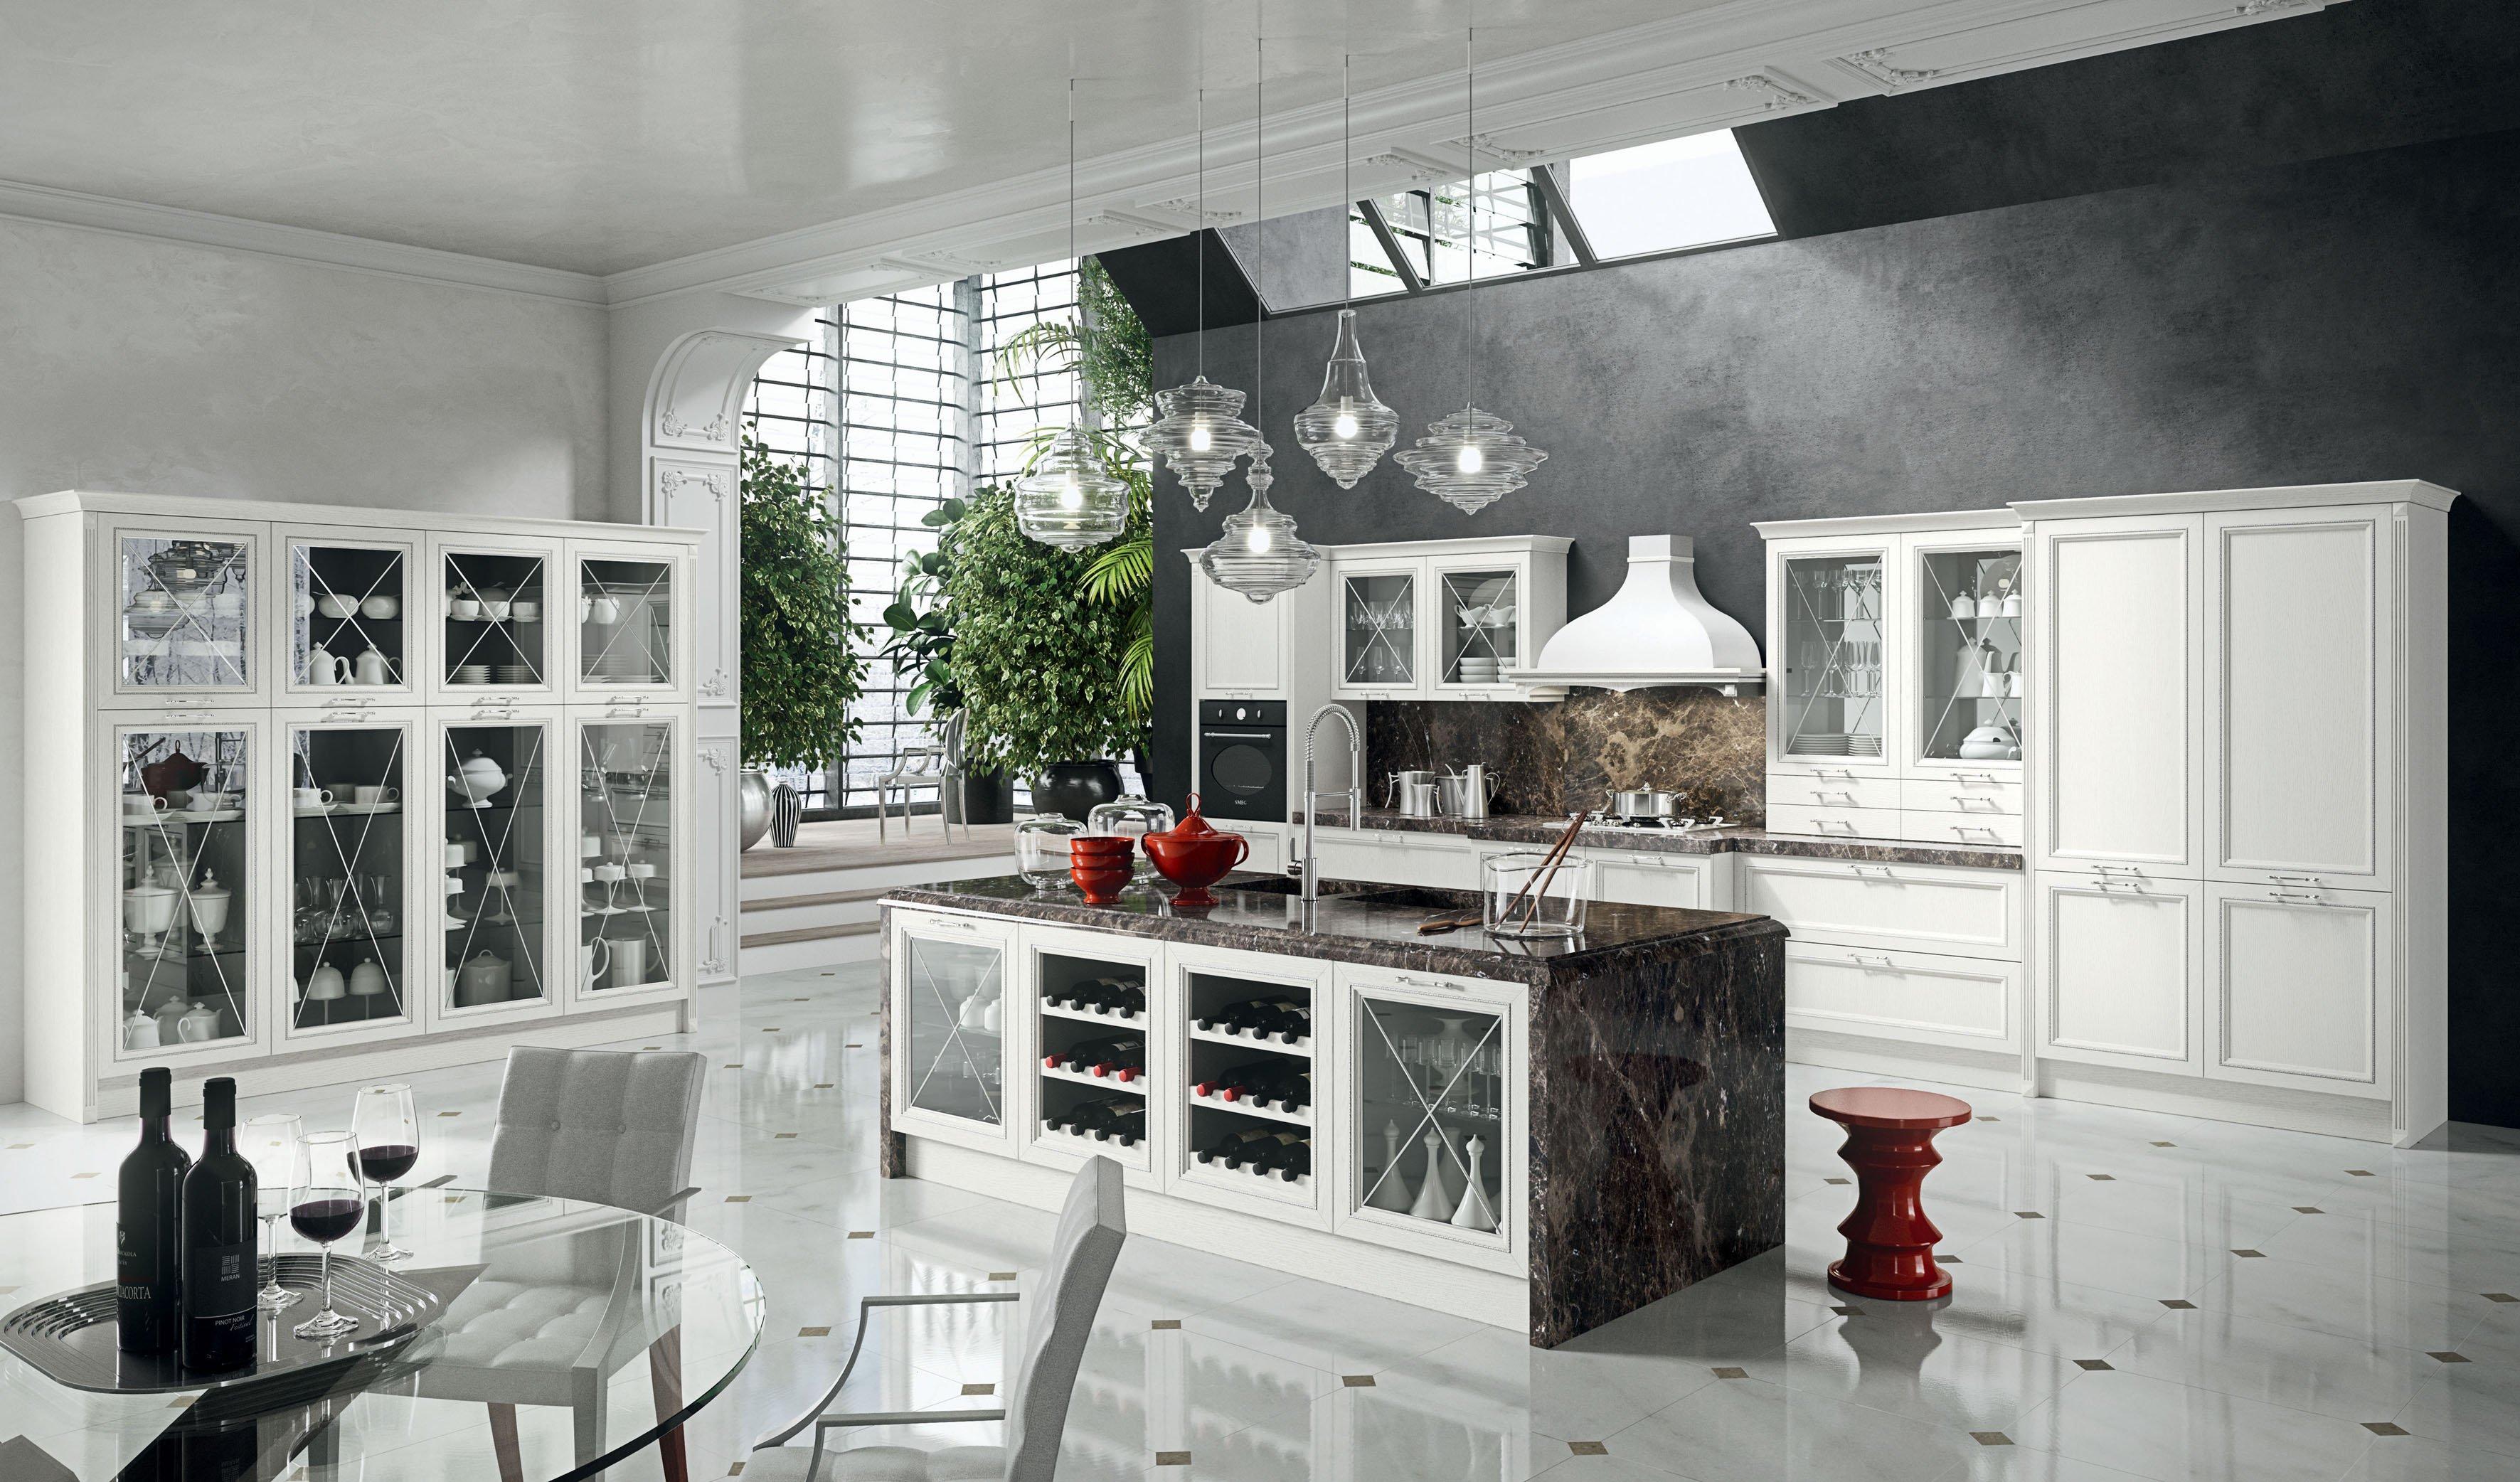 Cucine Scavolini In Legno Massello : Cucine vani a vista coi pensili in vetro cose di casa